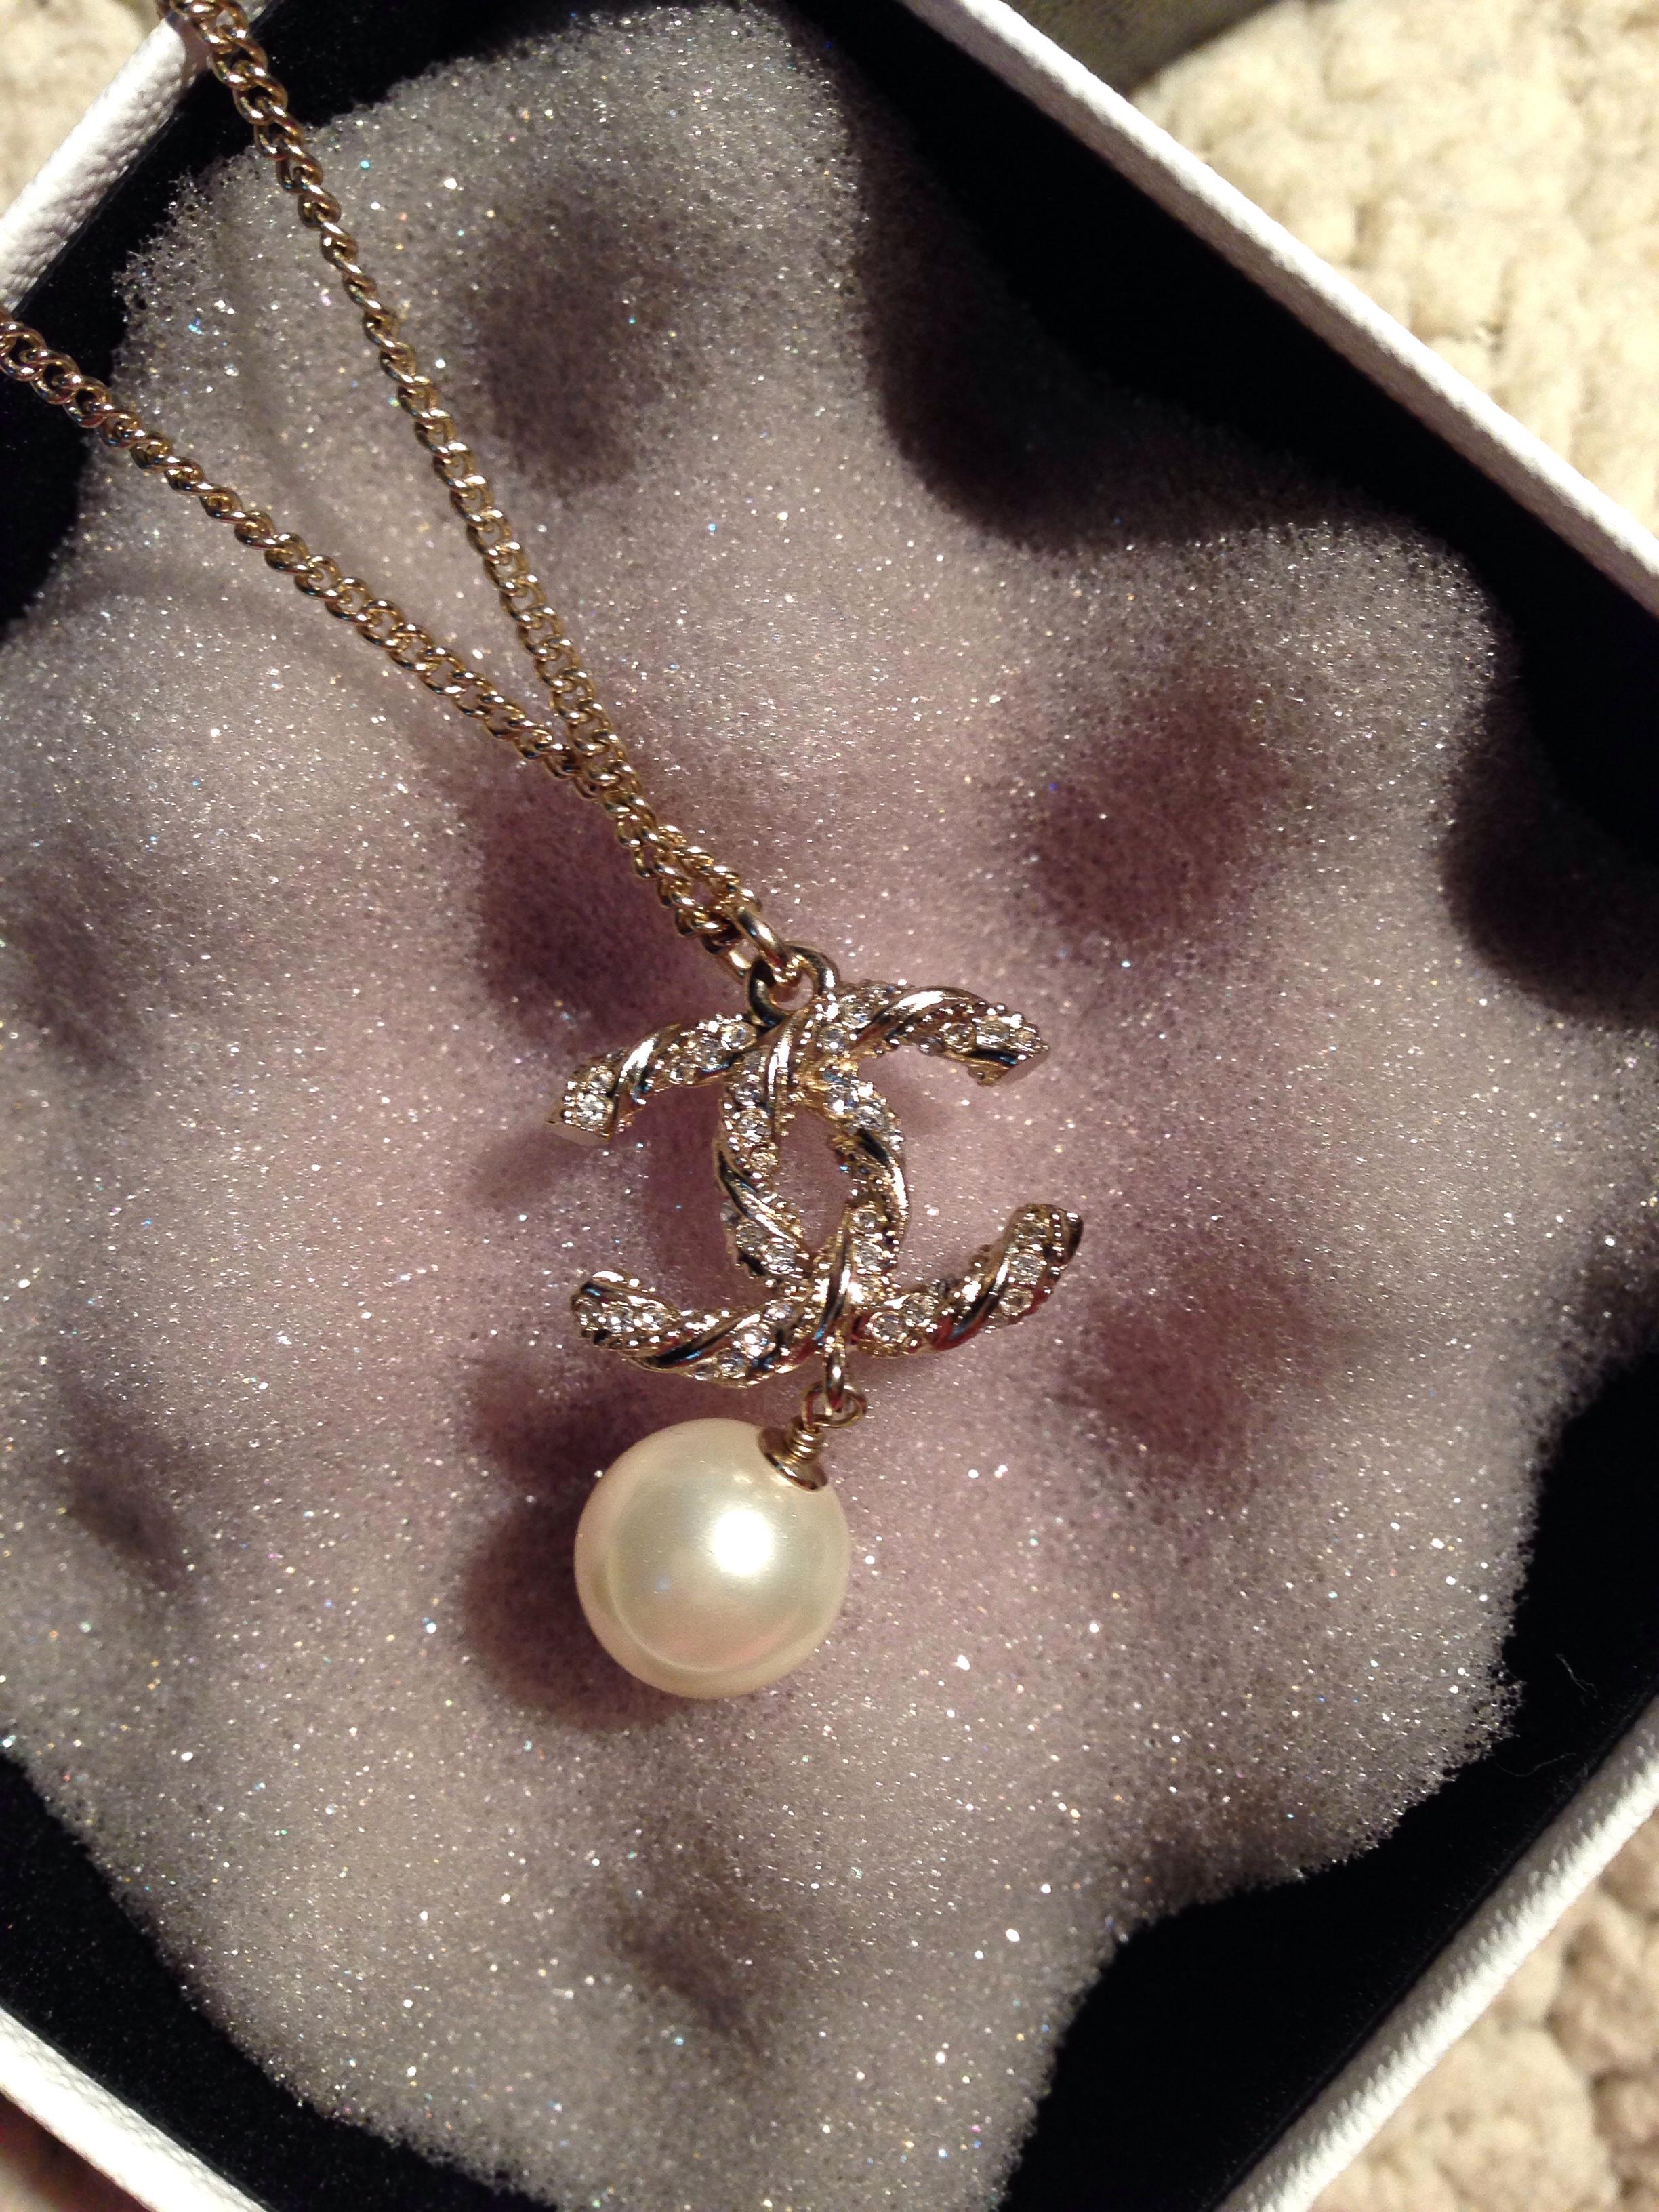 日本代购香奈儿CHANEL 2013纽纹镶水钻CC logo珍珠项链